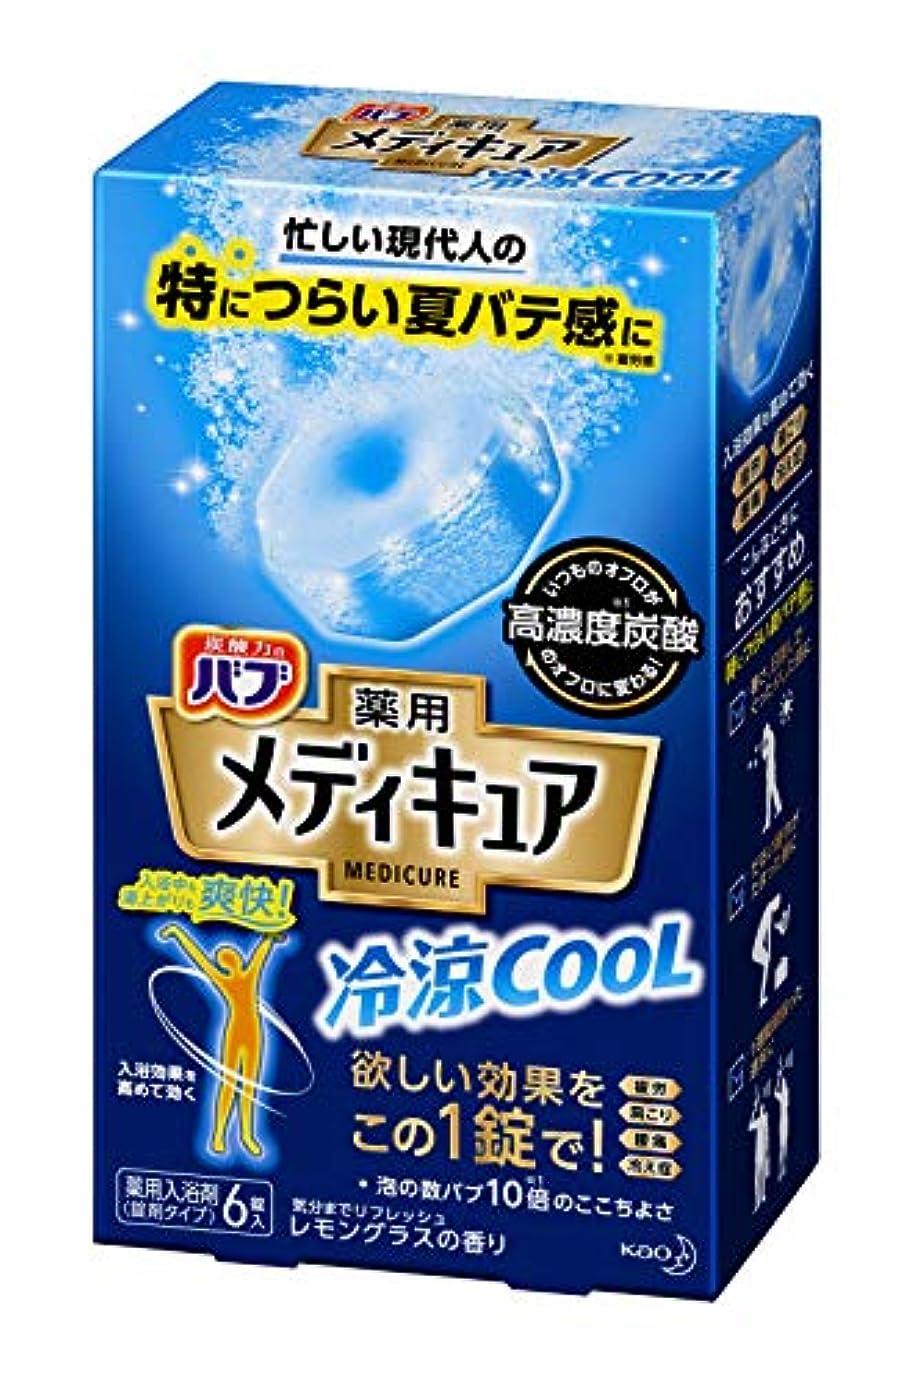 オールアマチュアリンクバブ メディキュア 冷涼クール レモングラスの香り 6錠入 高濃度 炭酸 温泉成分 (泡の数バブの10倍)